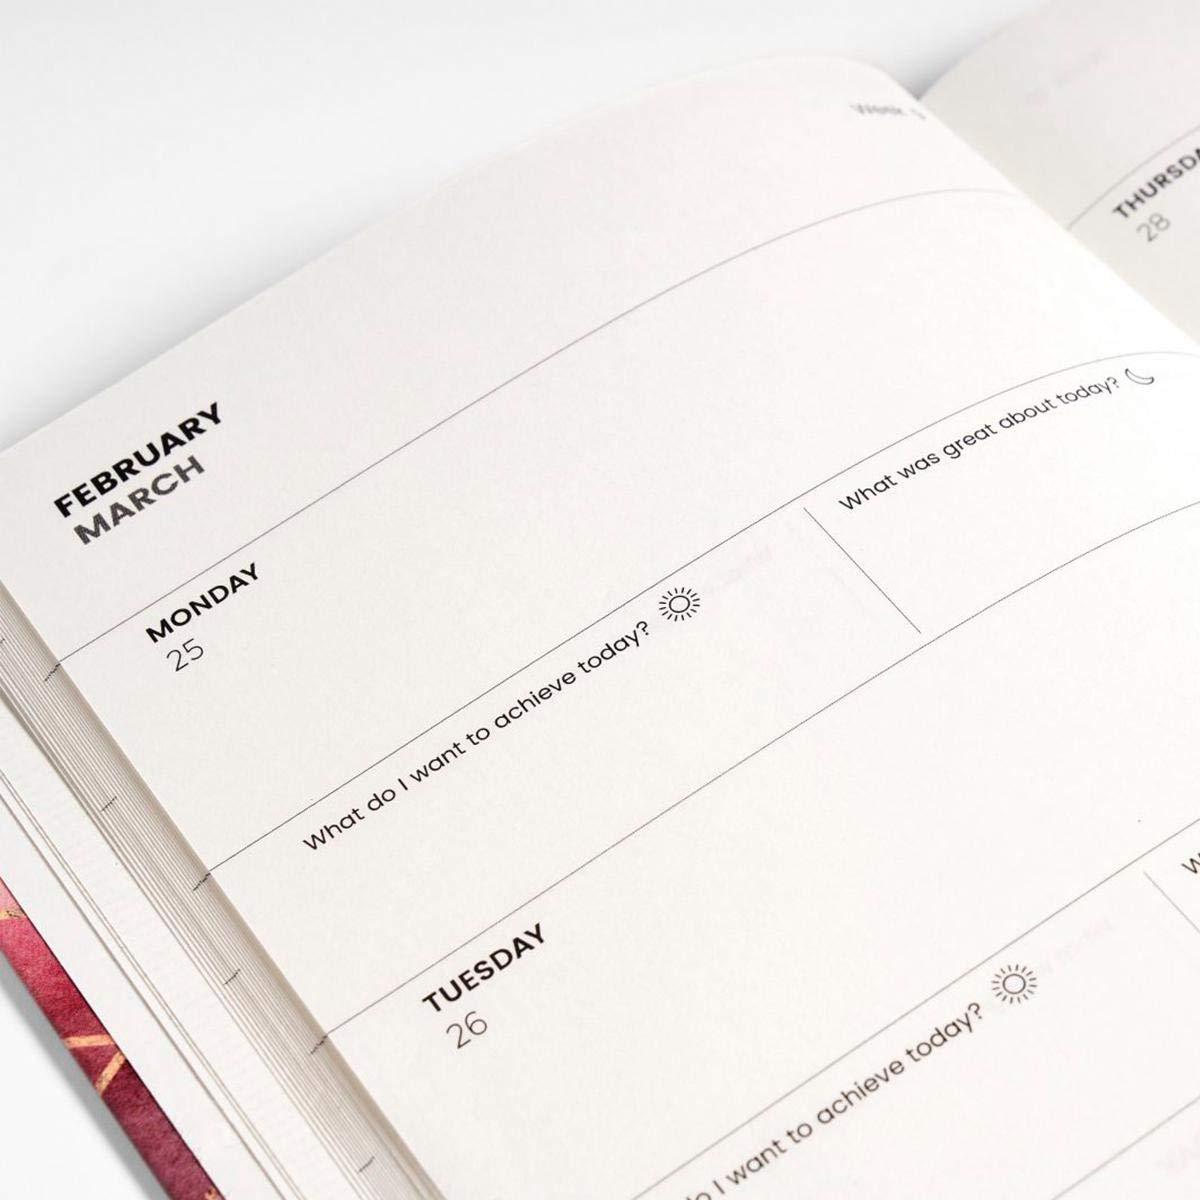 JUNIQE® 2019 Agenda - Alfabeto y letras - Negro & Blanco ...